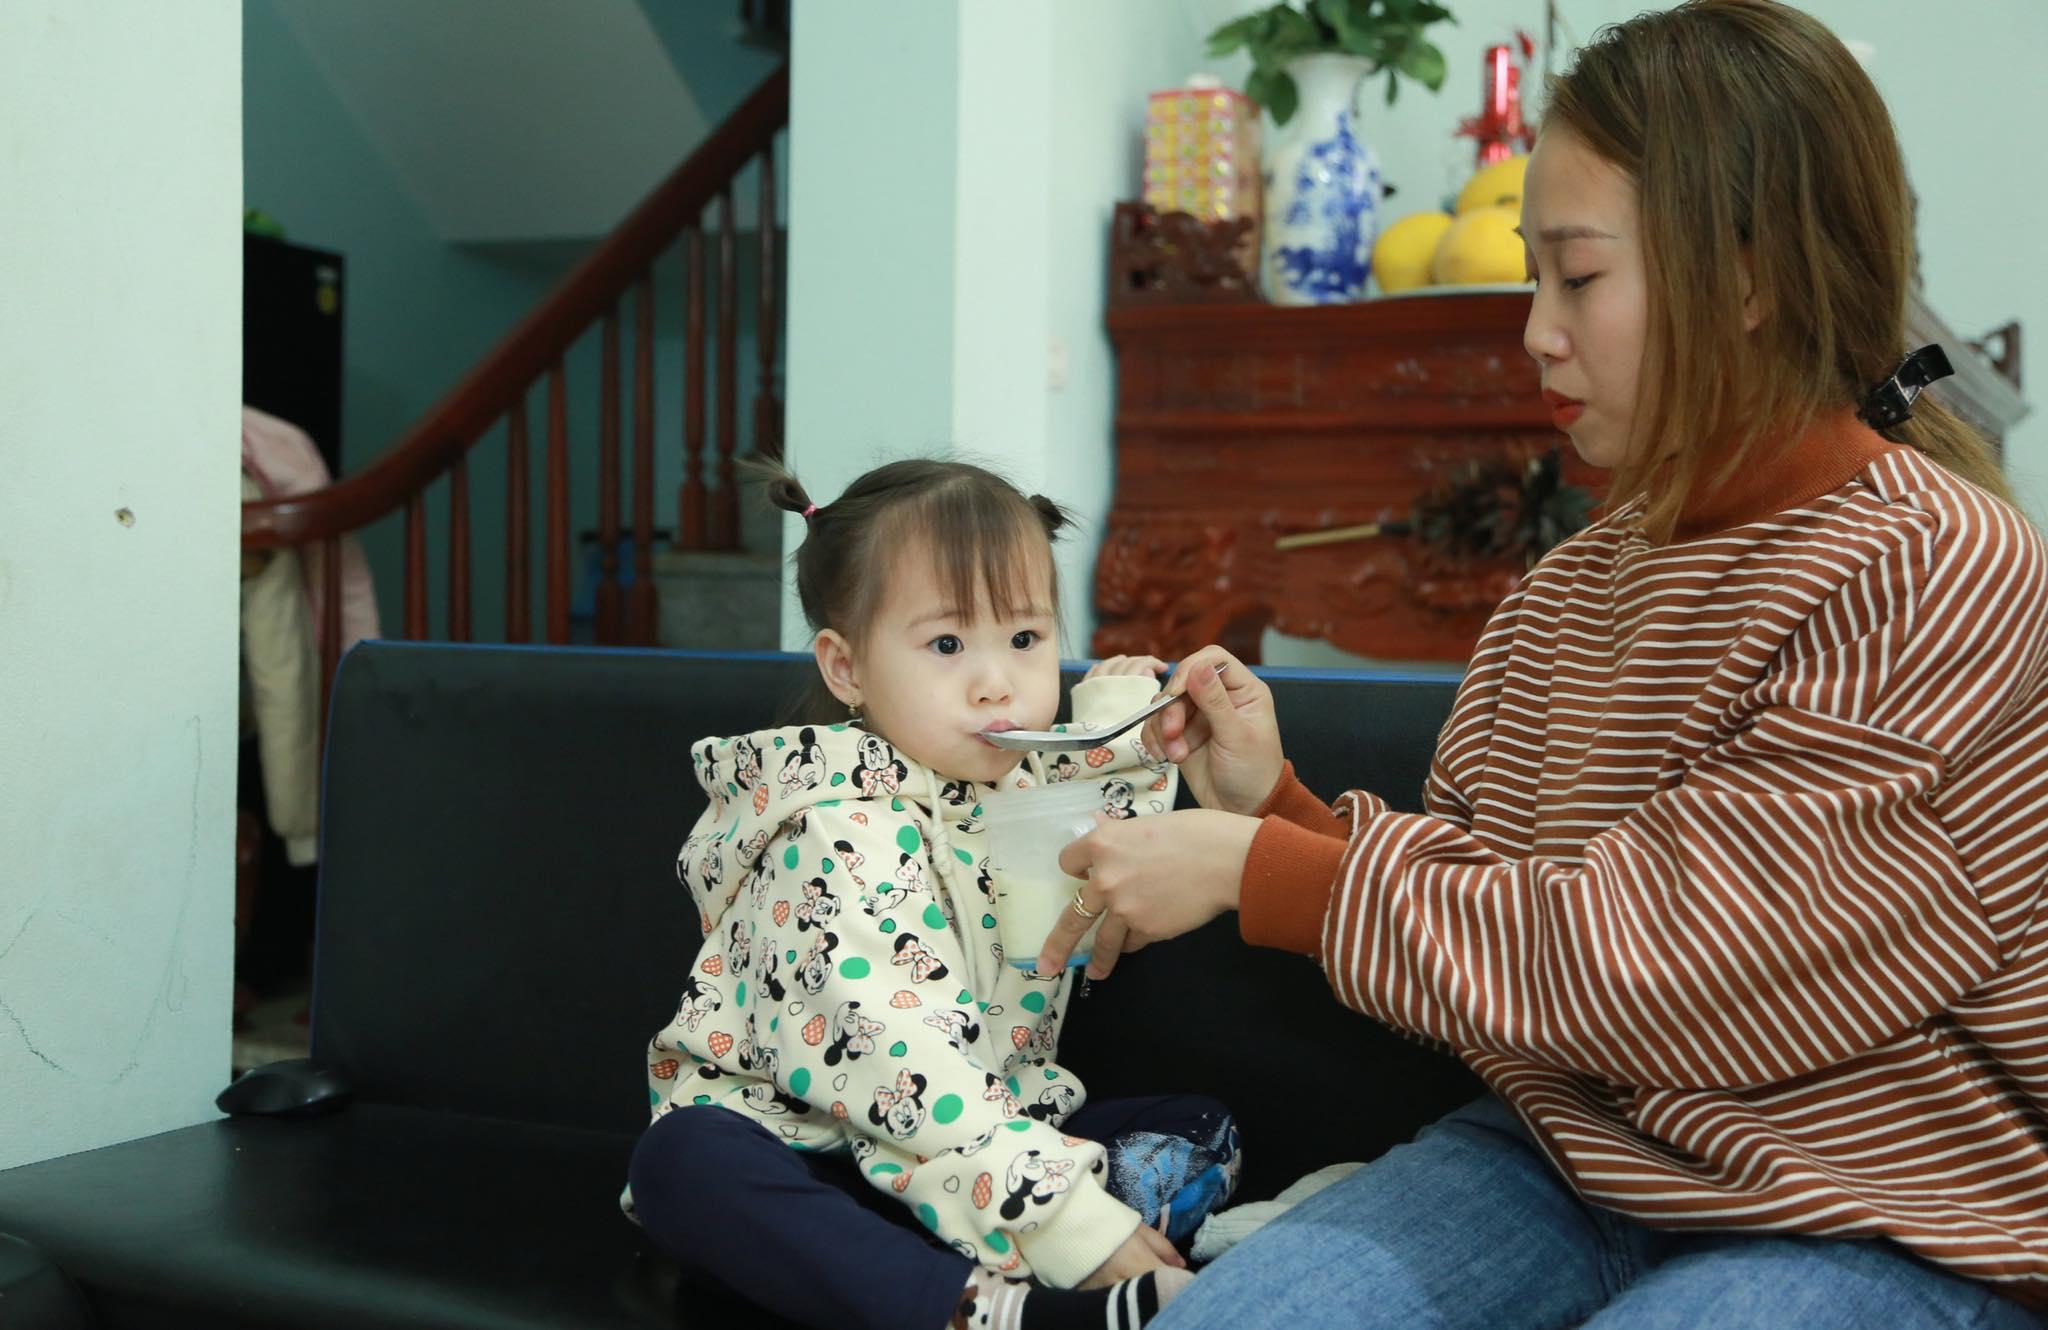 """Vợ tài xế cứu bé gái 3 tuổi: """"Chồng tôi nói, ai rơi vào hoàn cảnh đó đều làm như vậy"""" - 1"""